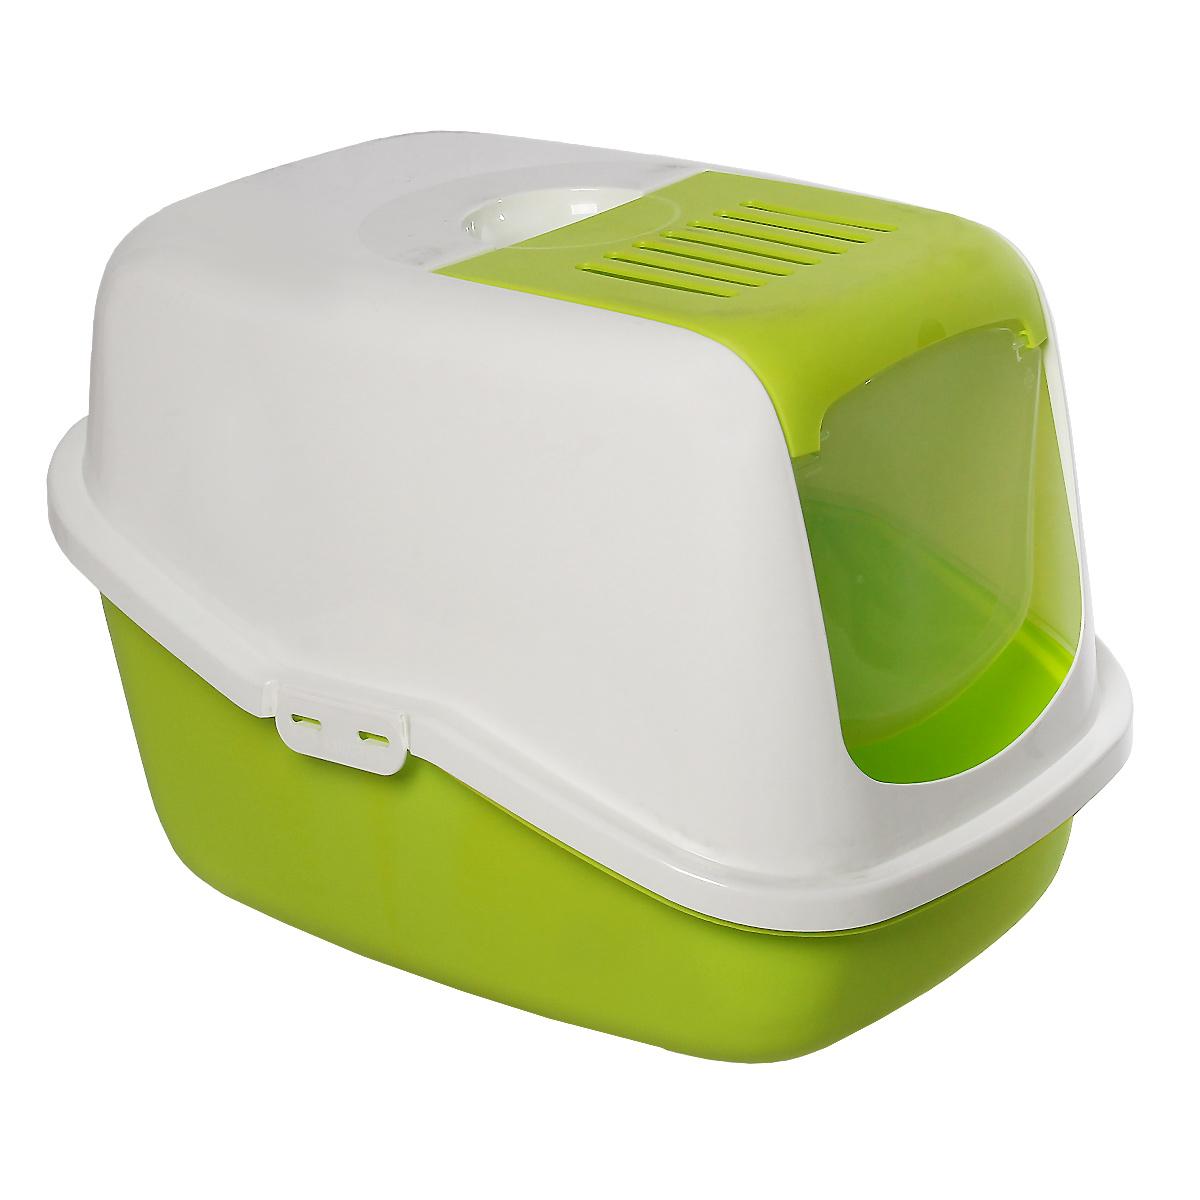 Туалет для кошек Savic Nestor, закрытый, цвет: белый, зеленый лимон, 56 х 39 х 38,5 см туалет для кошек curver pet life закрытый цвет кремово коричневый 51 х 39 х 40 см